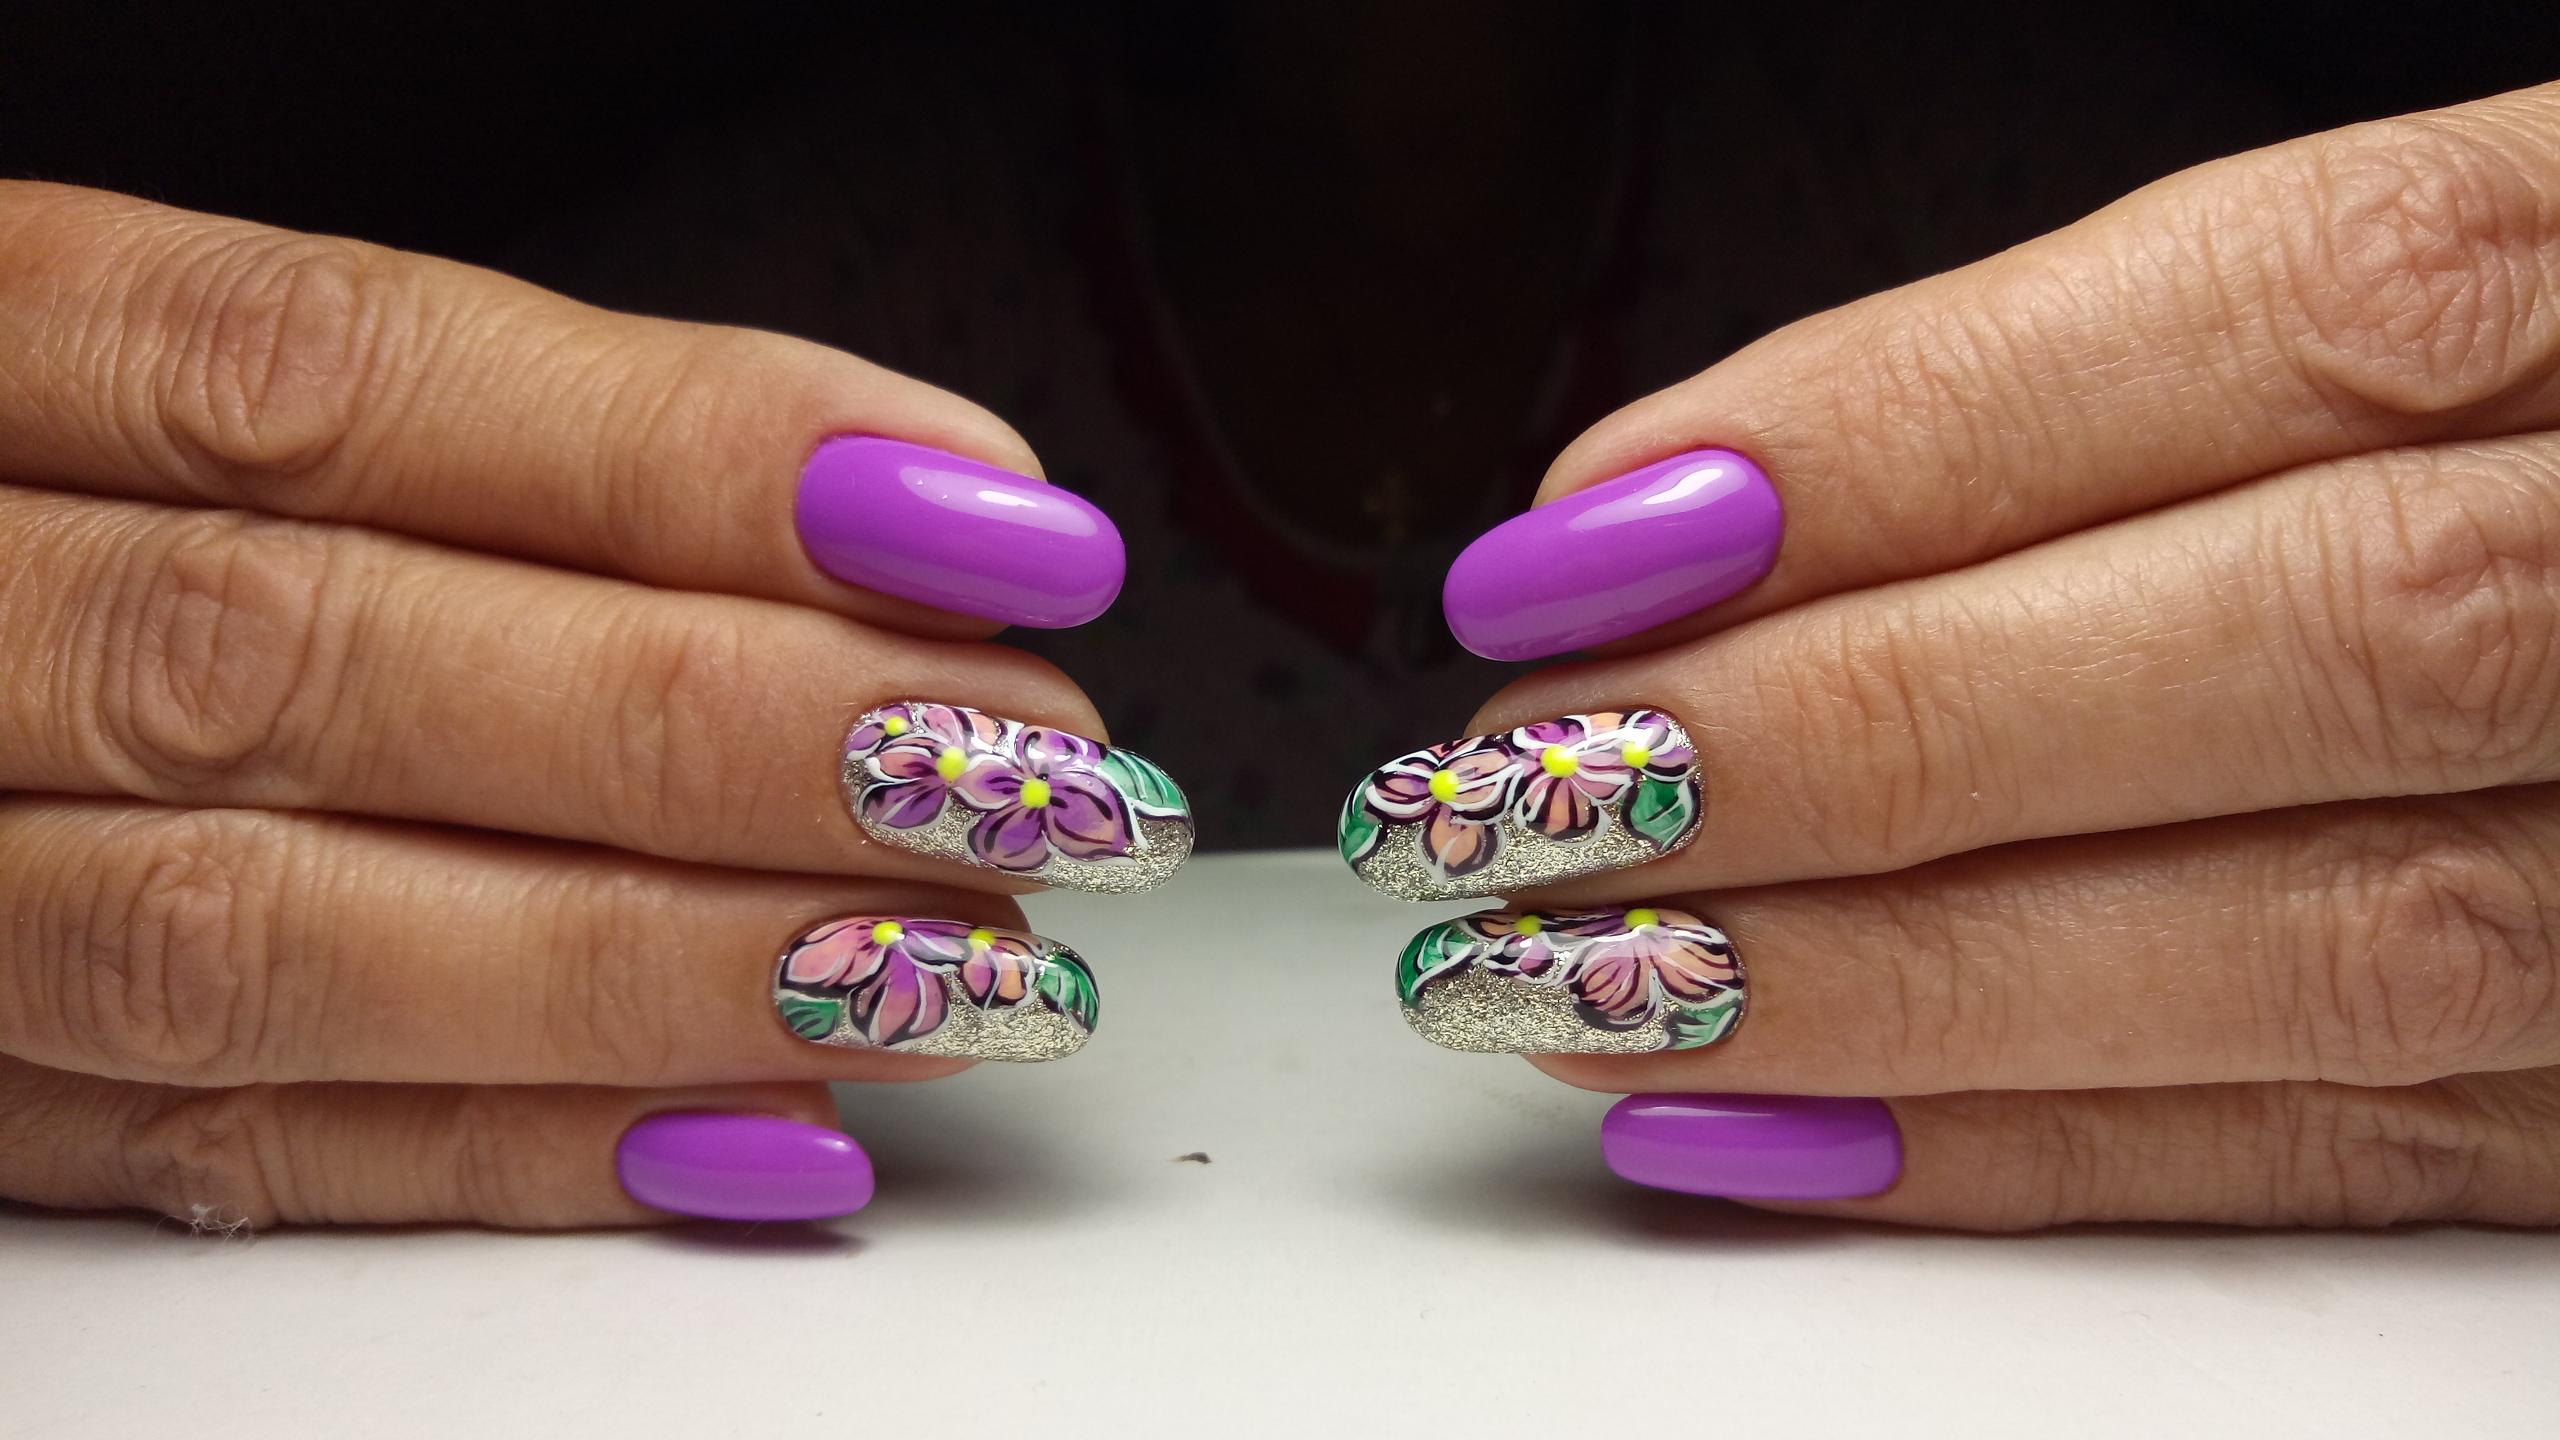 Маникюр в ярком фиолетовом цвете с цветочным рисунком.